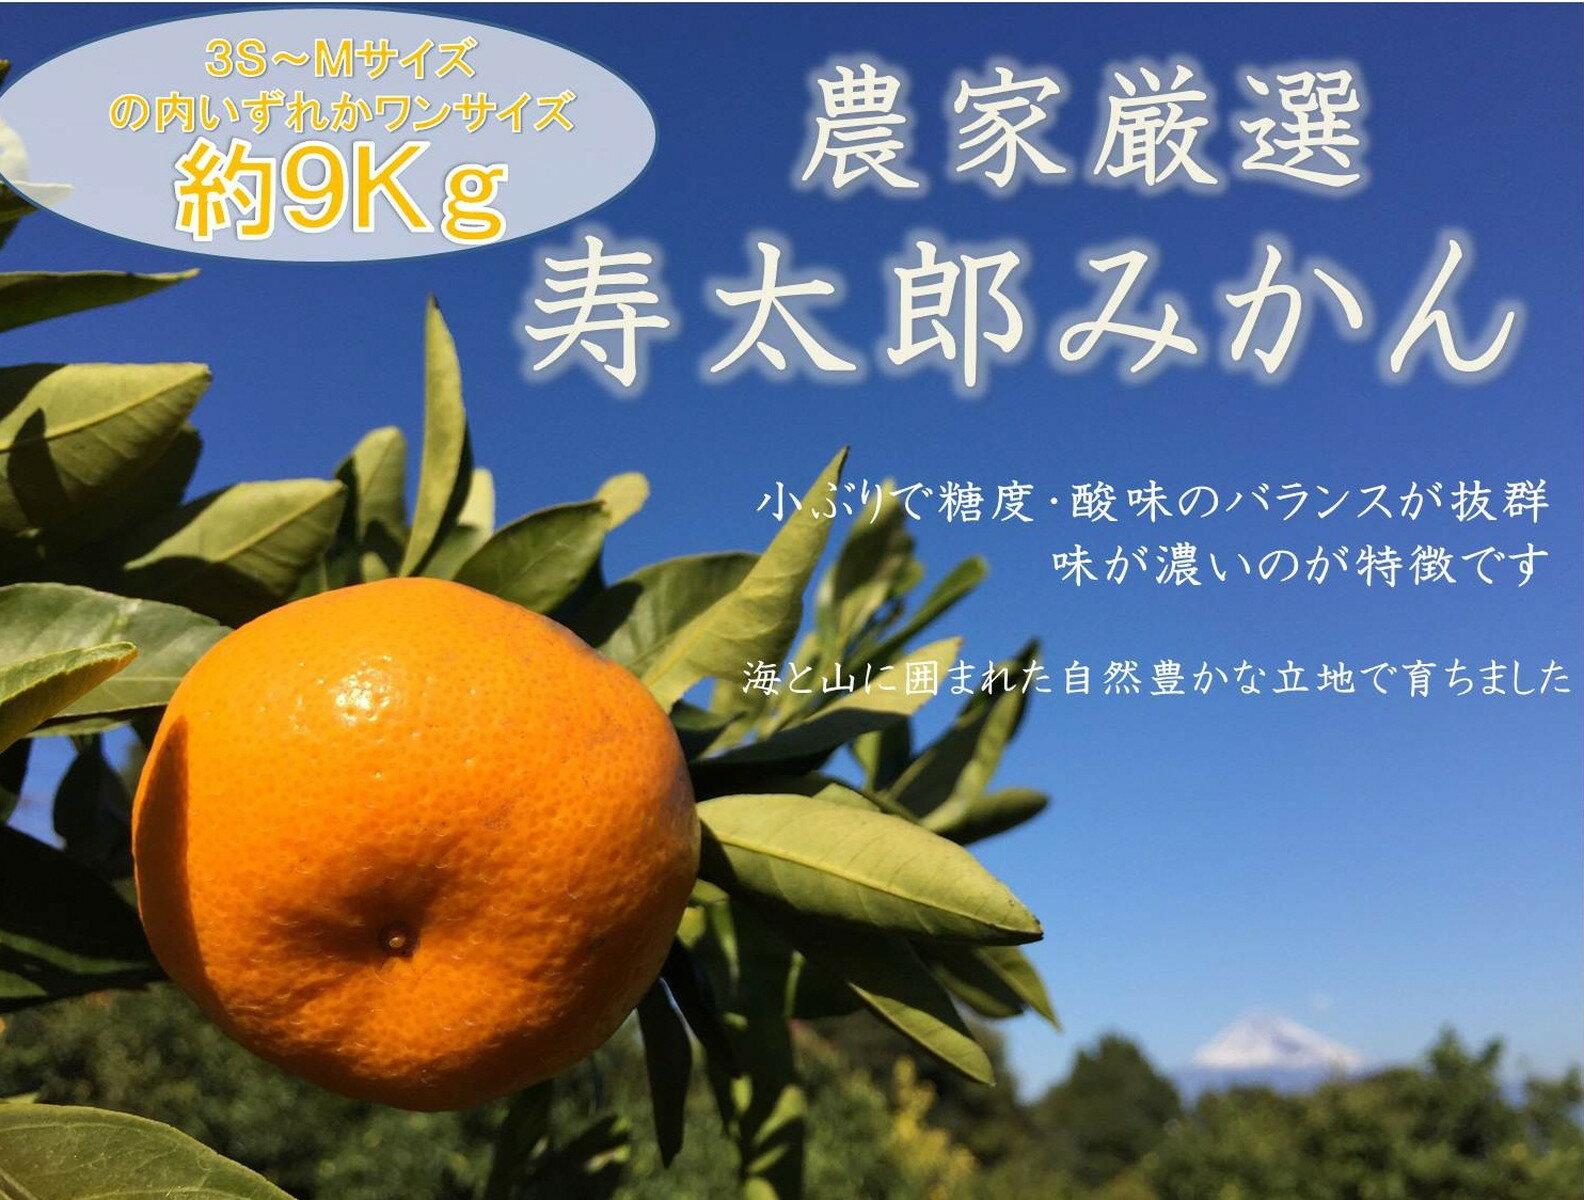 【キャンペーン】【ふるさと納税】001-732 若手農家厳選・寿太郎みかん